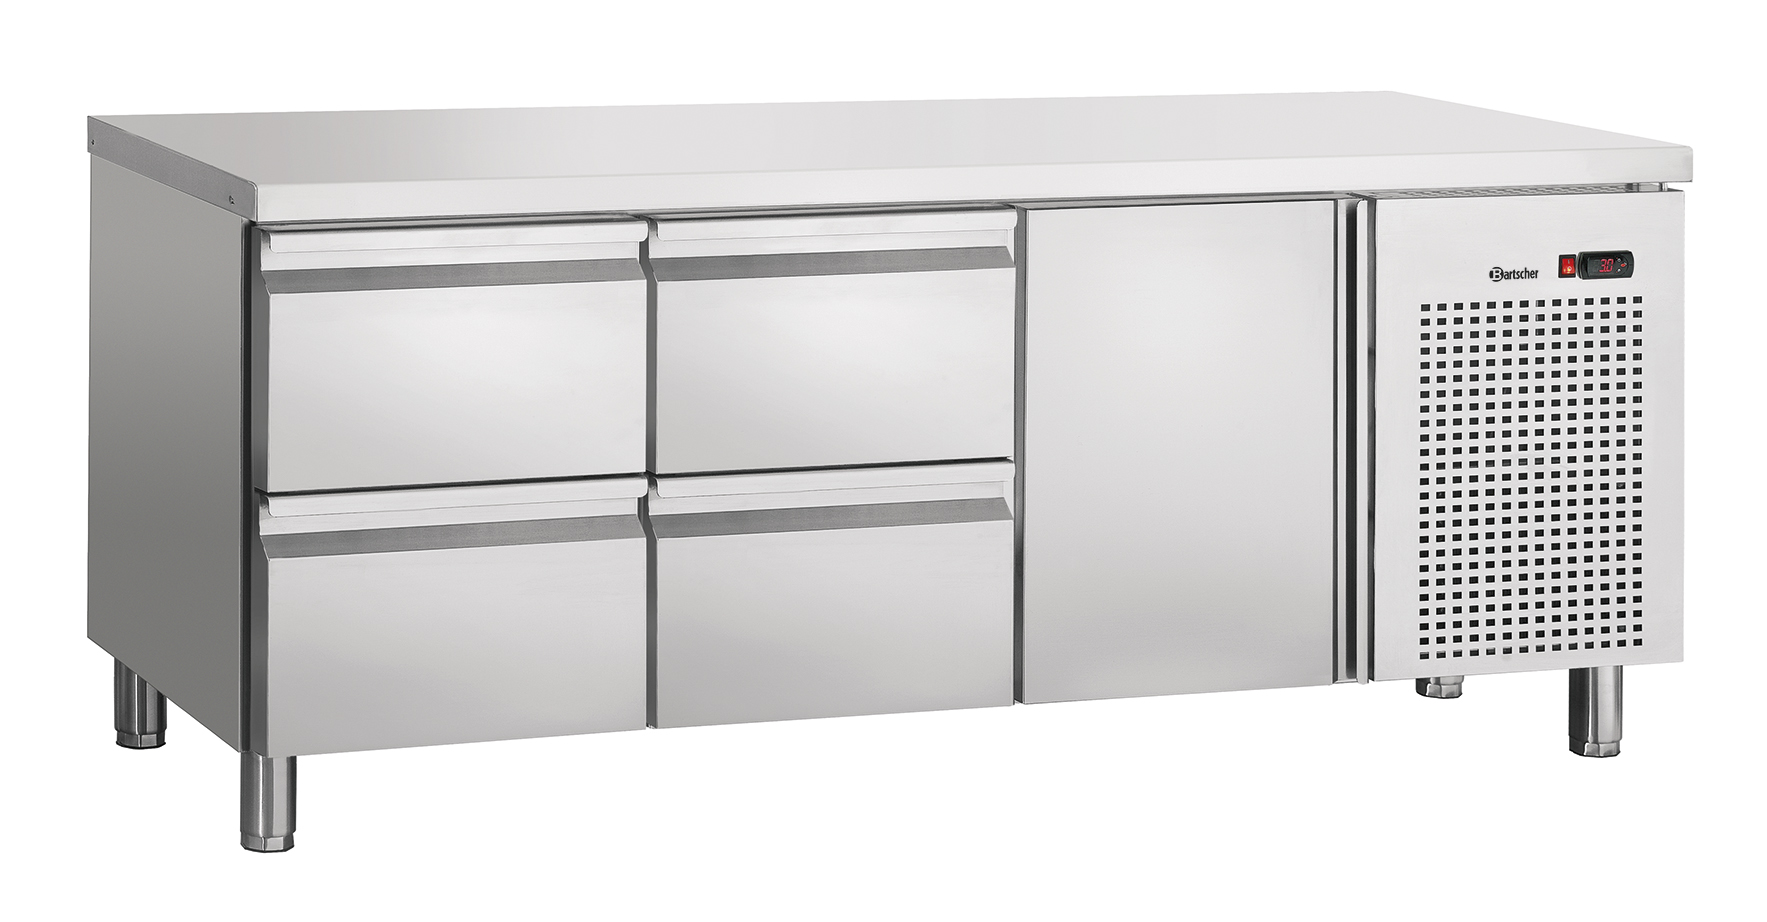 Bartscher Koeltafel S4T1-150 - 1 Deur / 4 Lades - 179 x 70 x 85 cm - RVS